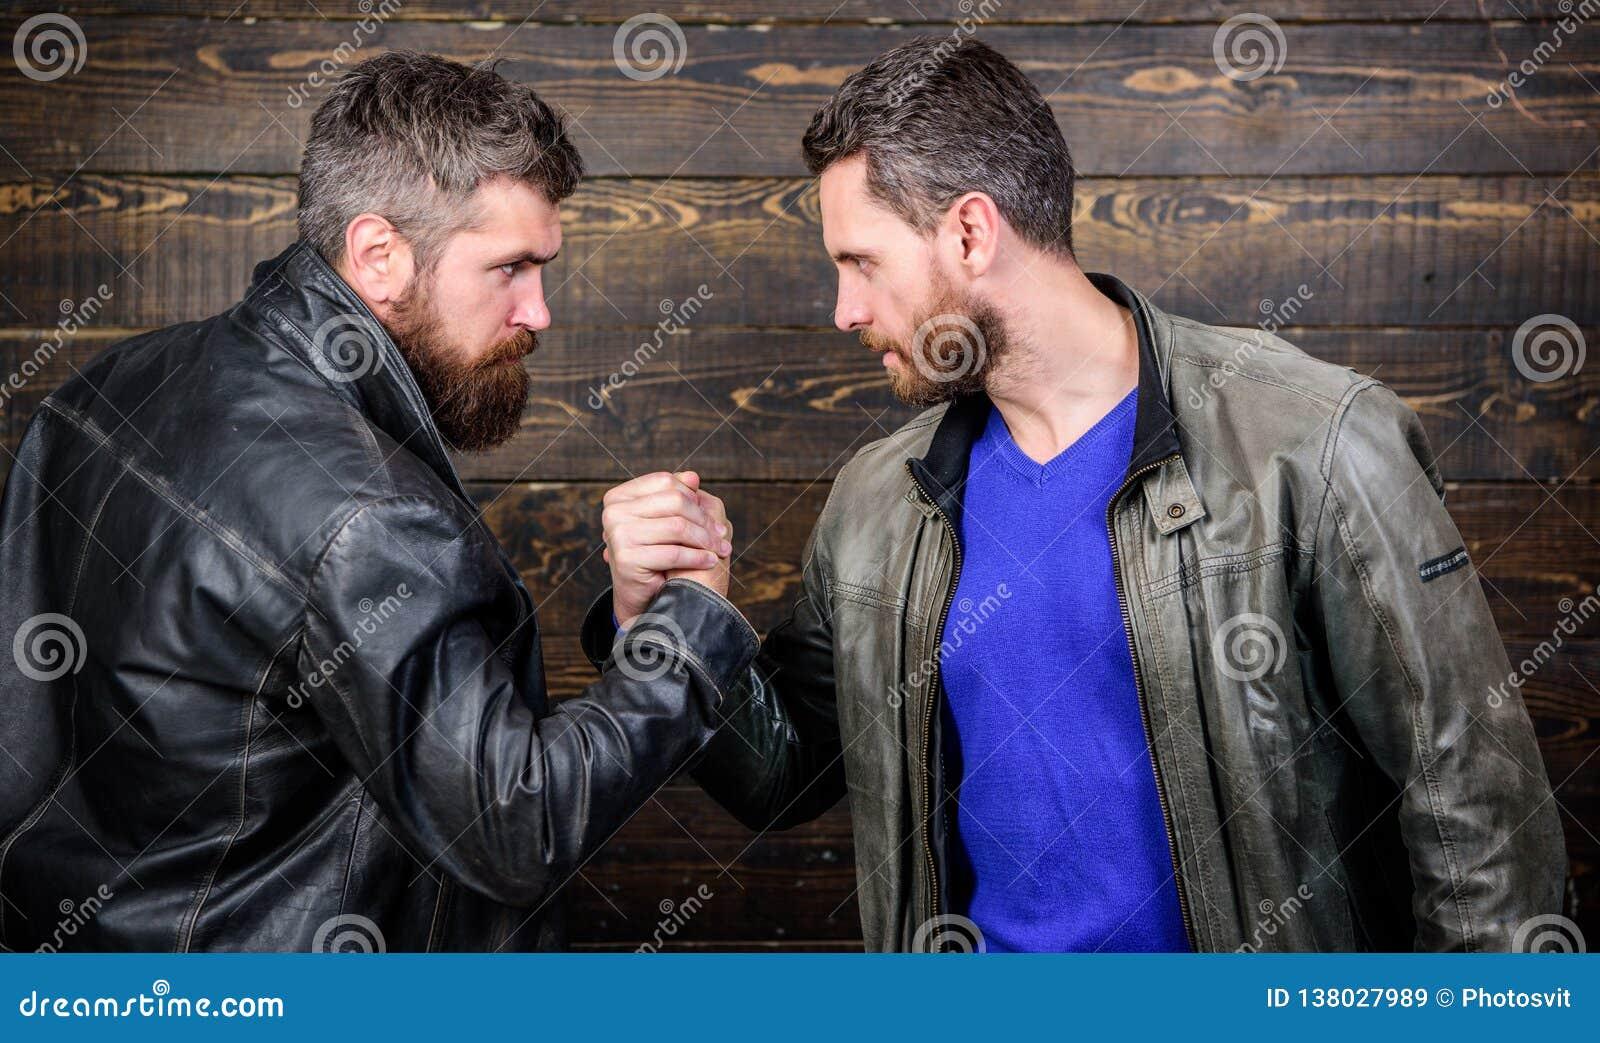 Brutal bearded men wear leather jackets shaking hands. Strong handshake. Friendship of brutal guys. Handshake symbol of